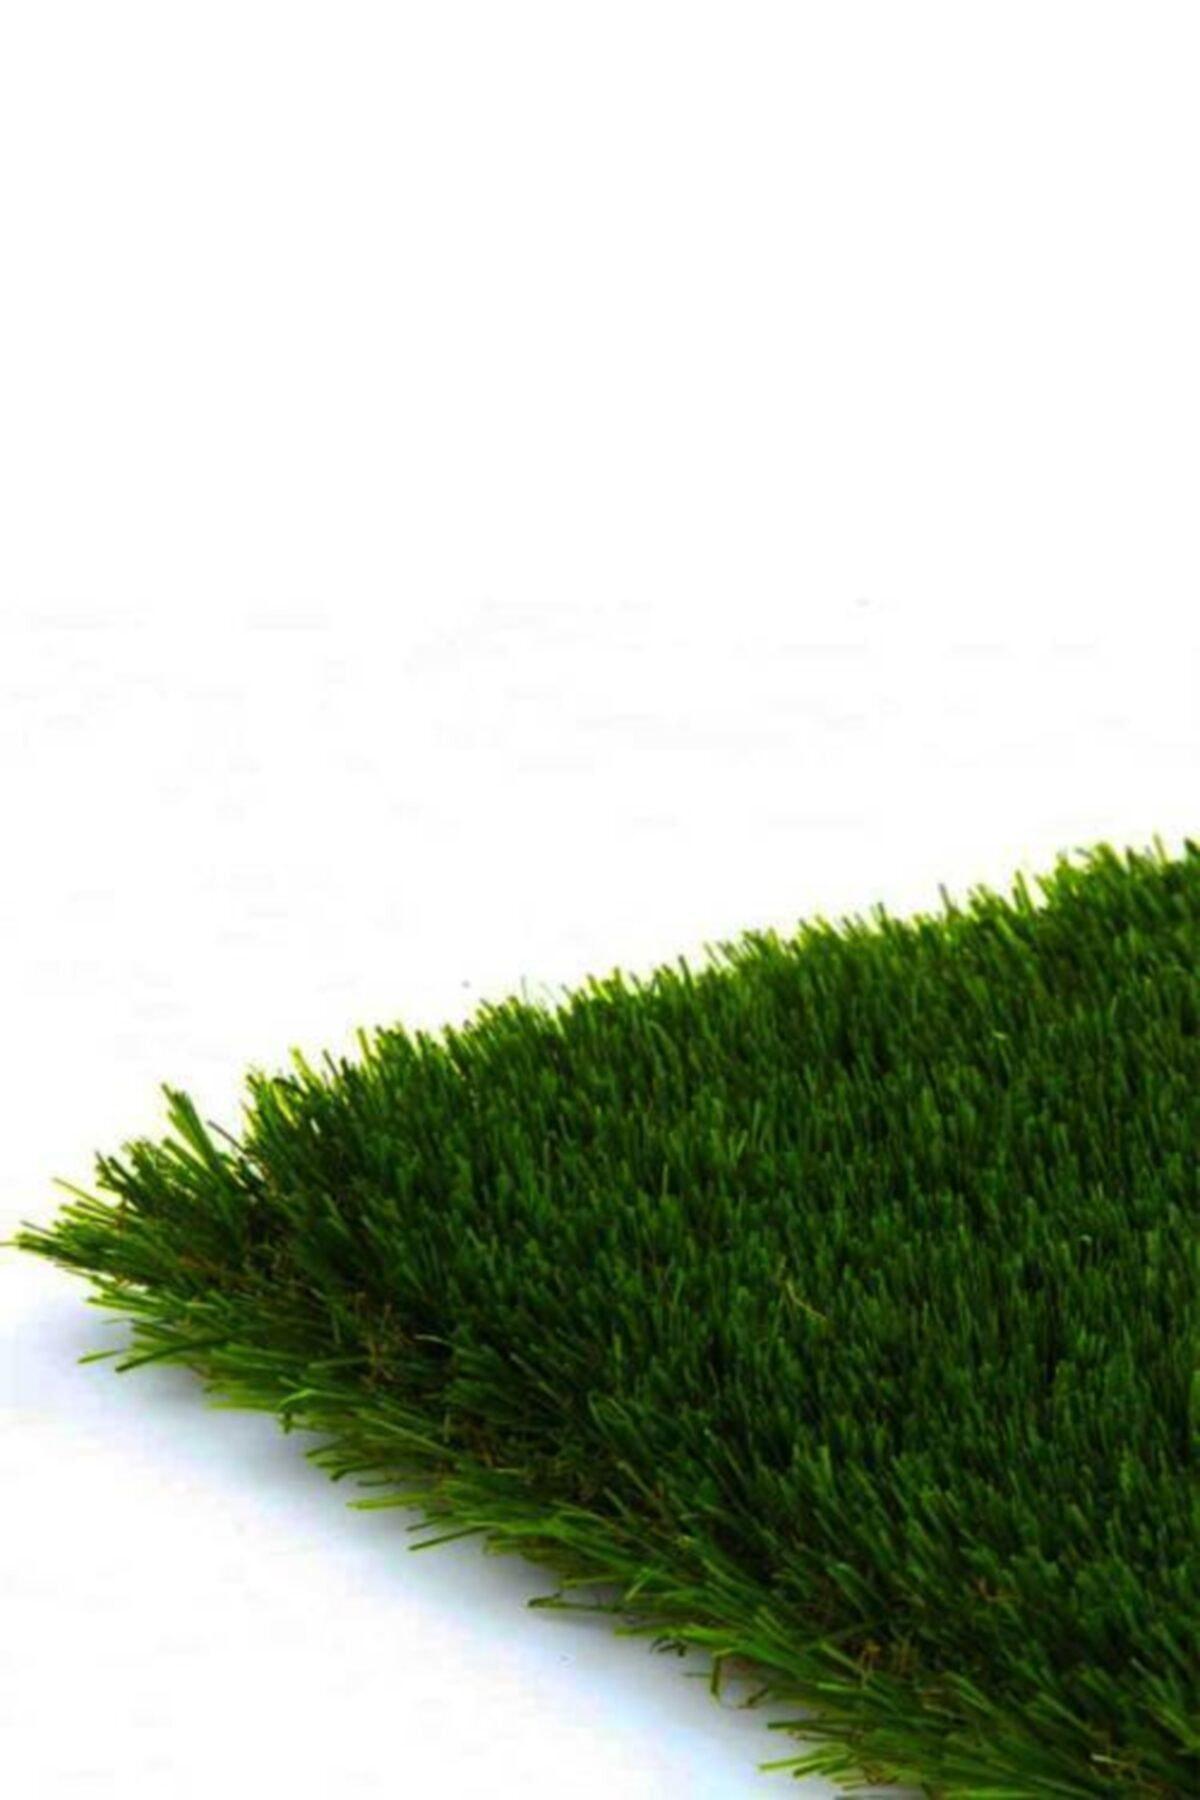 - Suni Yapay Çim Halı Serisi - 50mm - Yeşil - En 4 Metre - Çim Saha Kalitesi